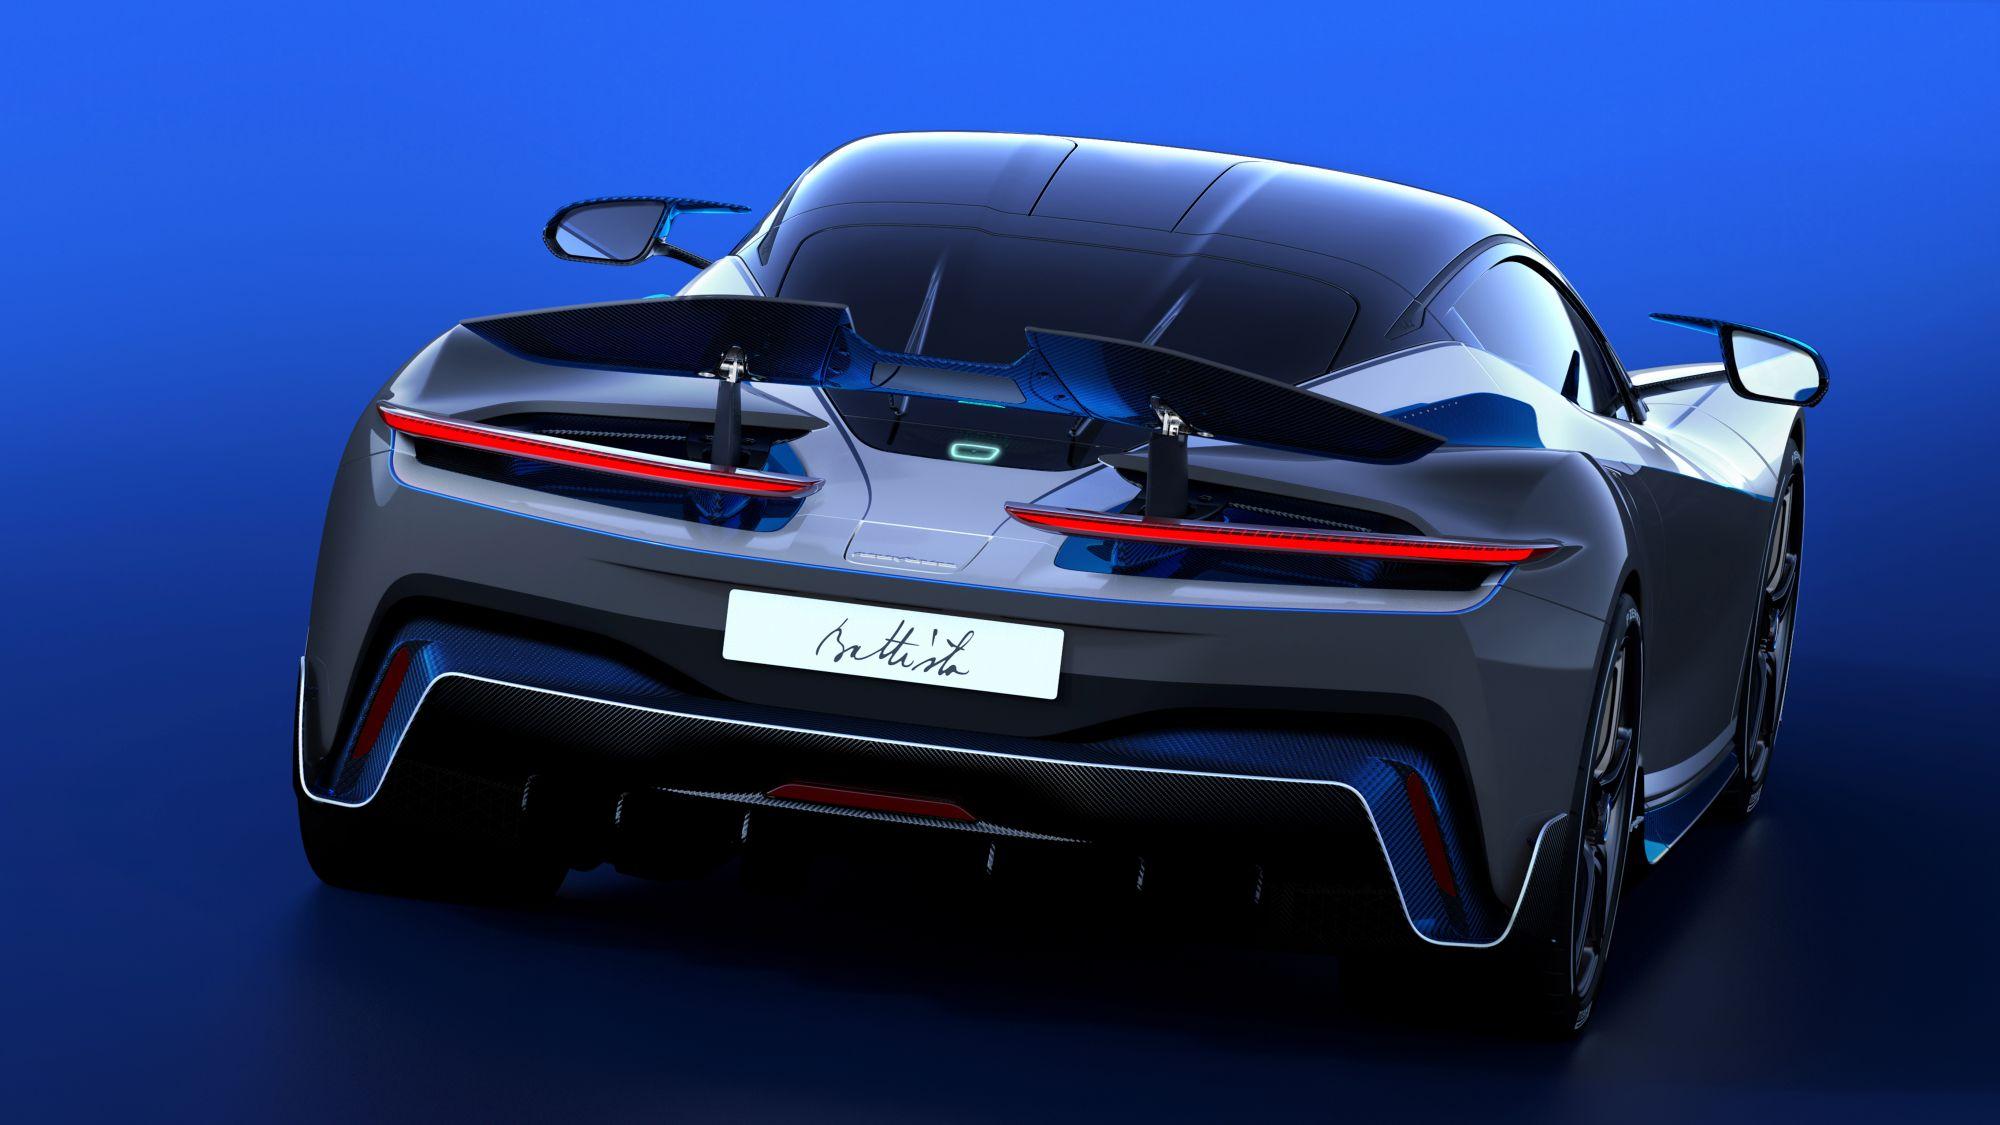 史上最強義大利超跑橫空出世!Automobili Pininfarina 推出90週年紀念款 Battista Anniversario 極限量豪華純電跑車